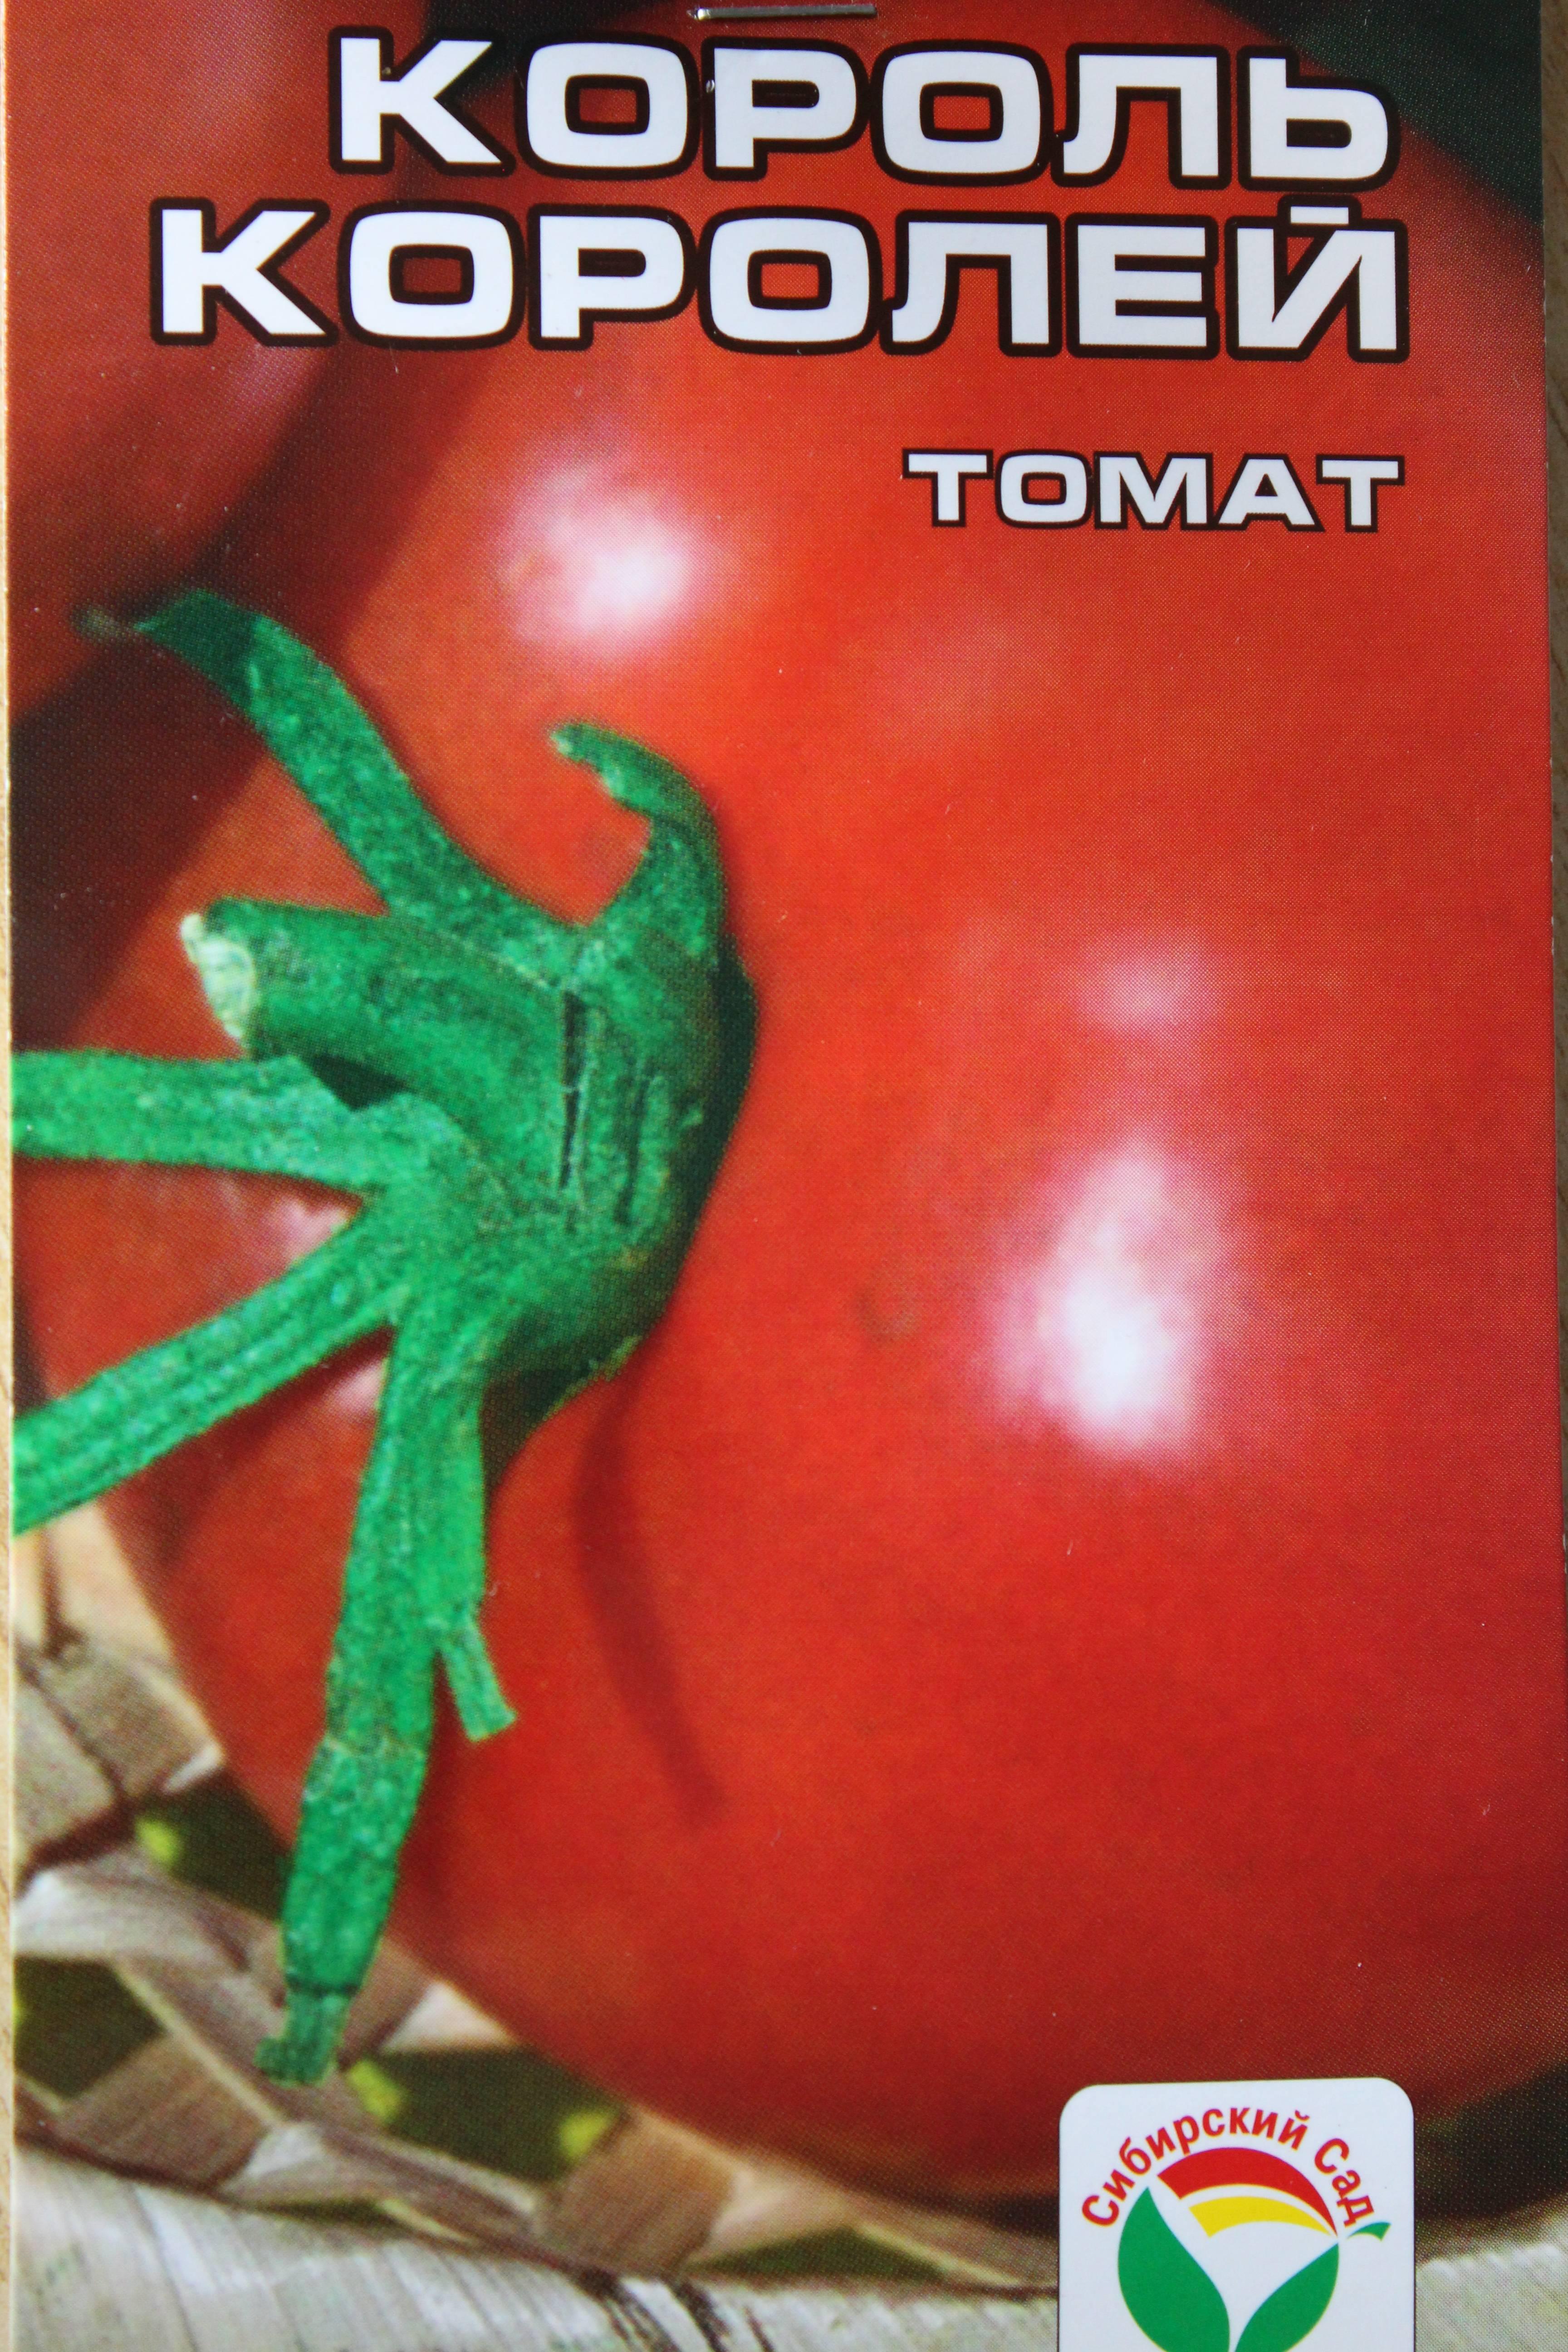 Томат король королей: описание и характеристика сорта, отзывы, фото, урожайность   tomatland.ru